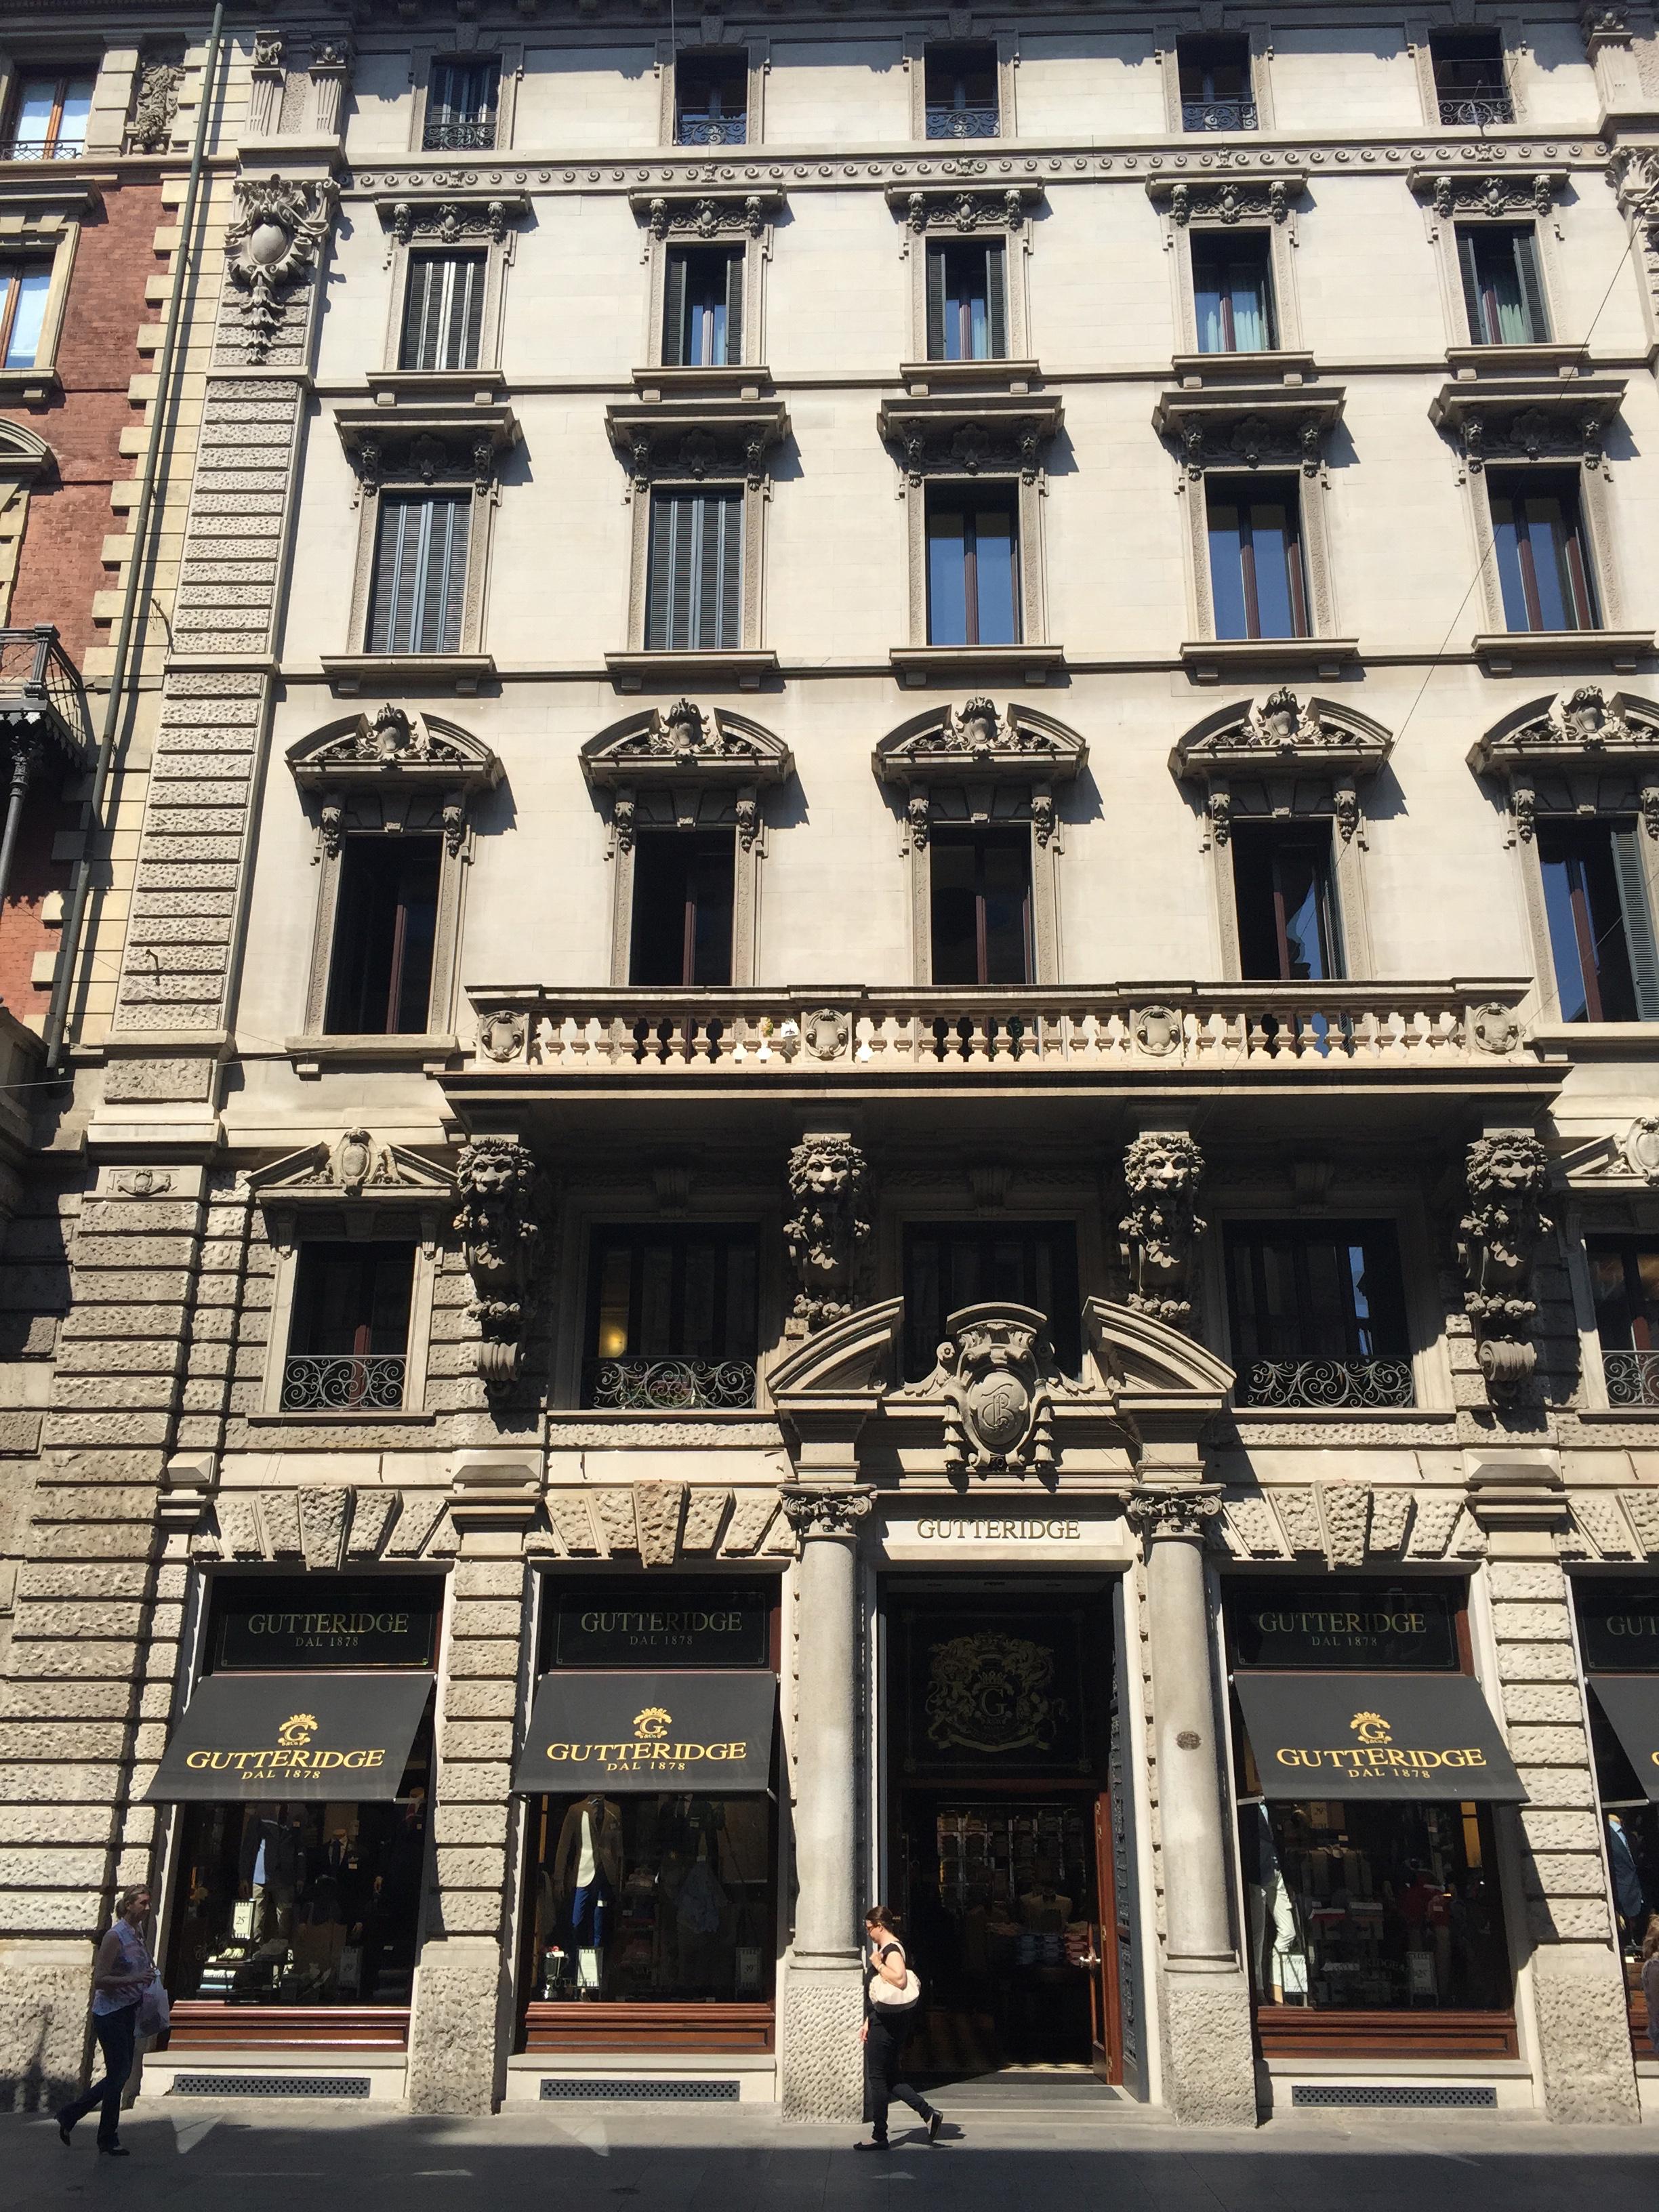 Via Dante facade Gutteridge